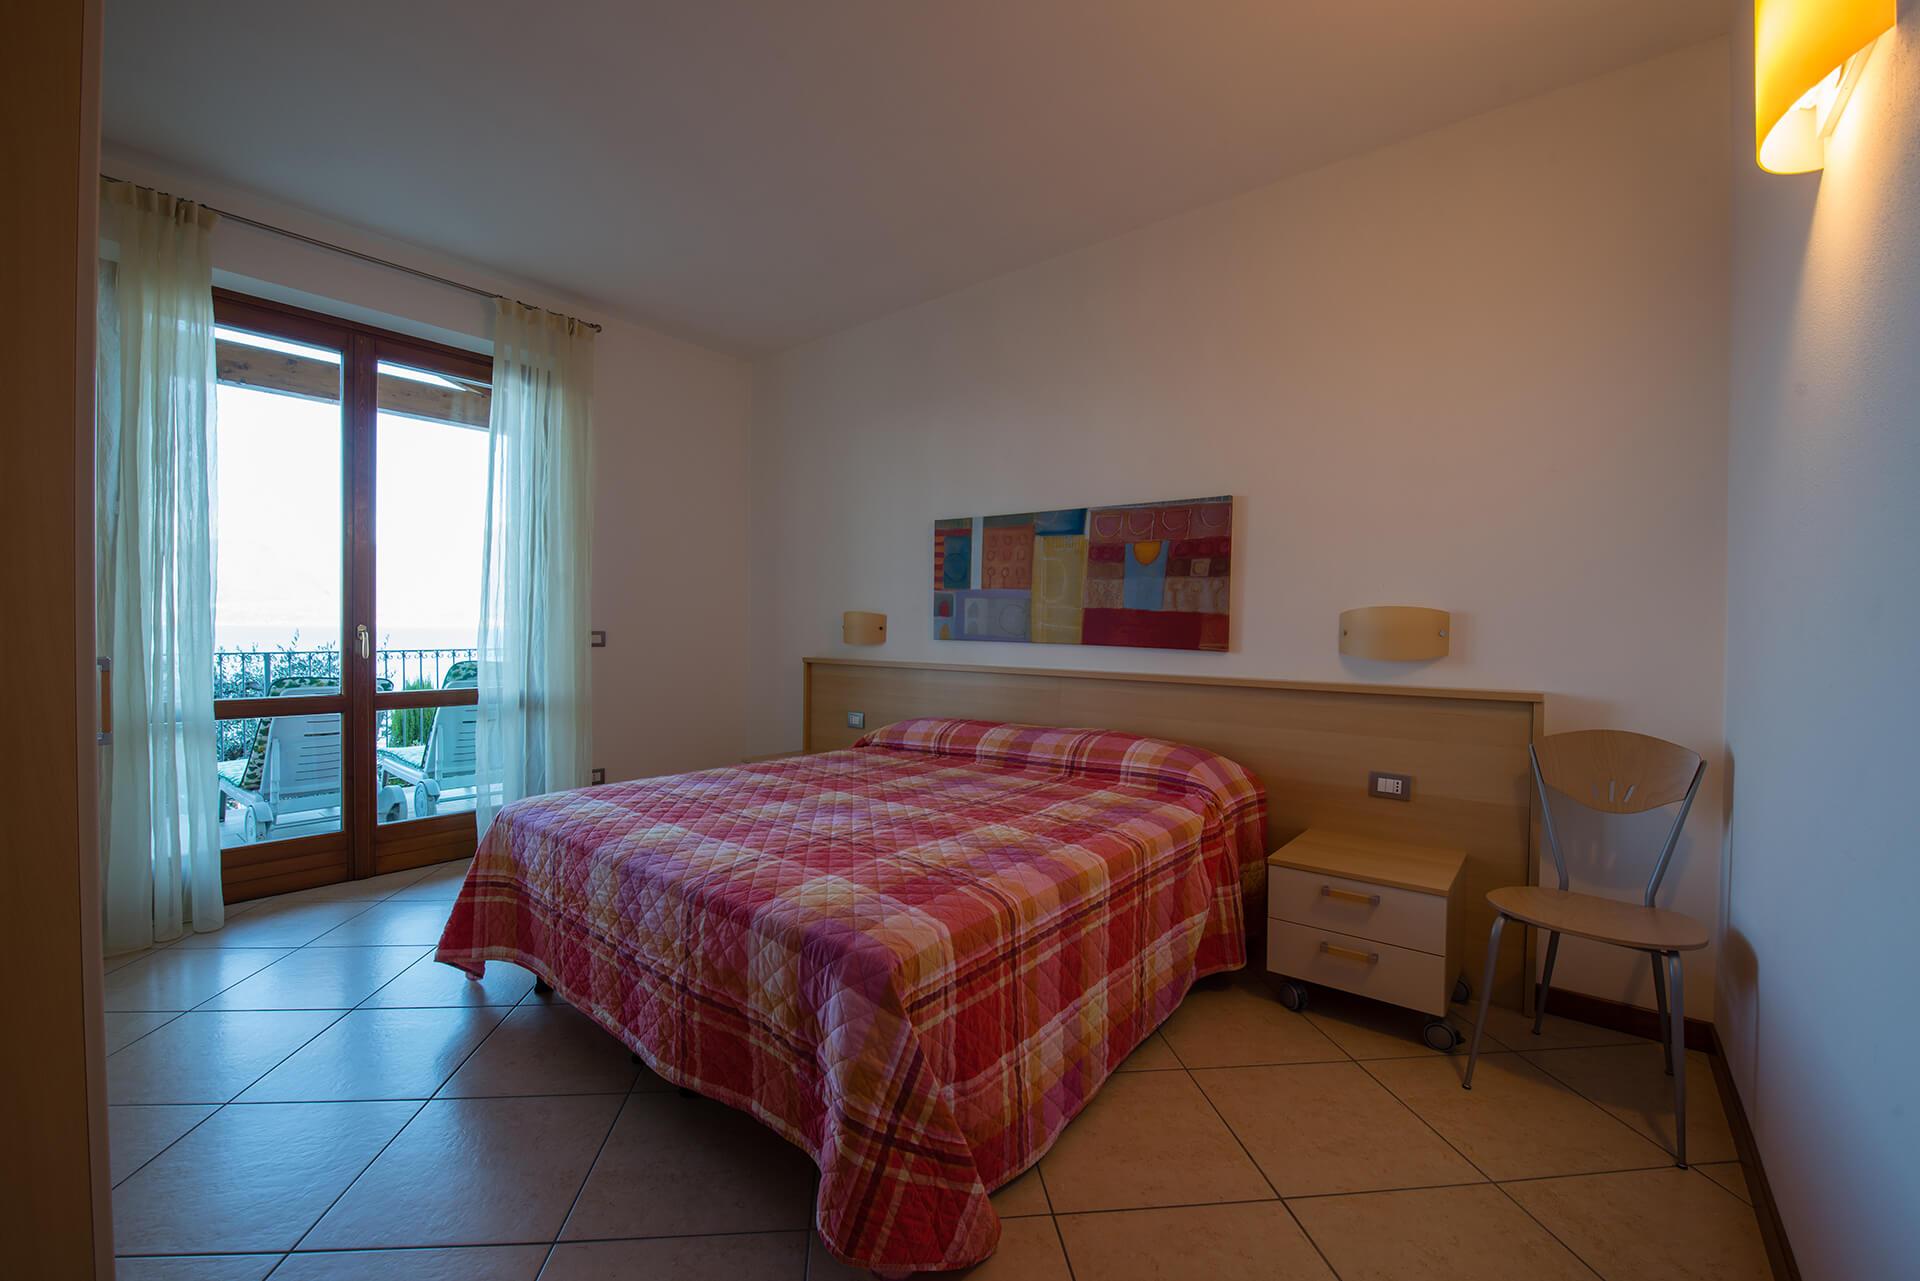 appartamento-c-canevini-camera-4